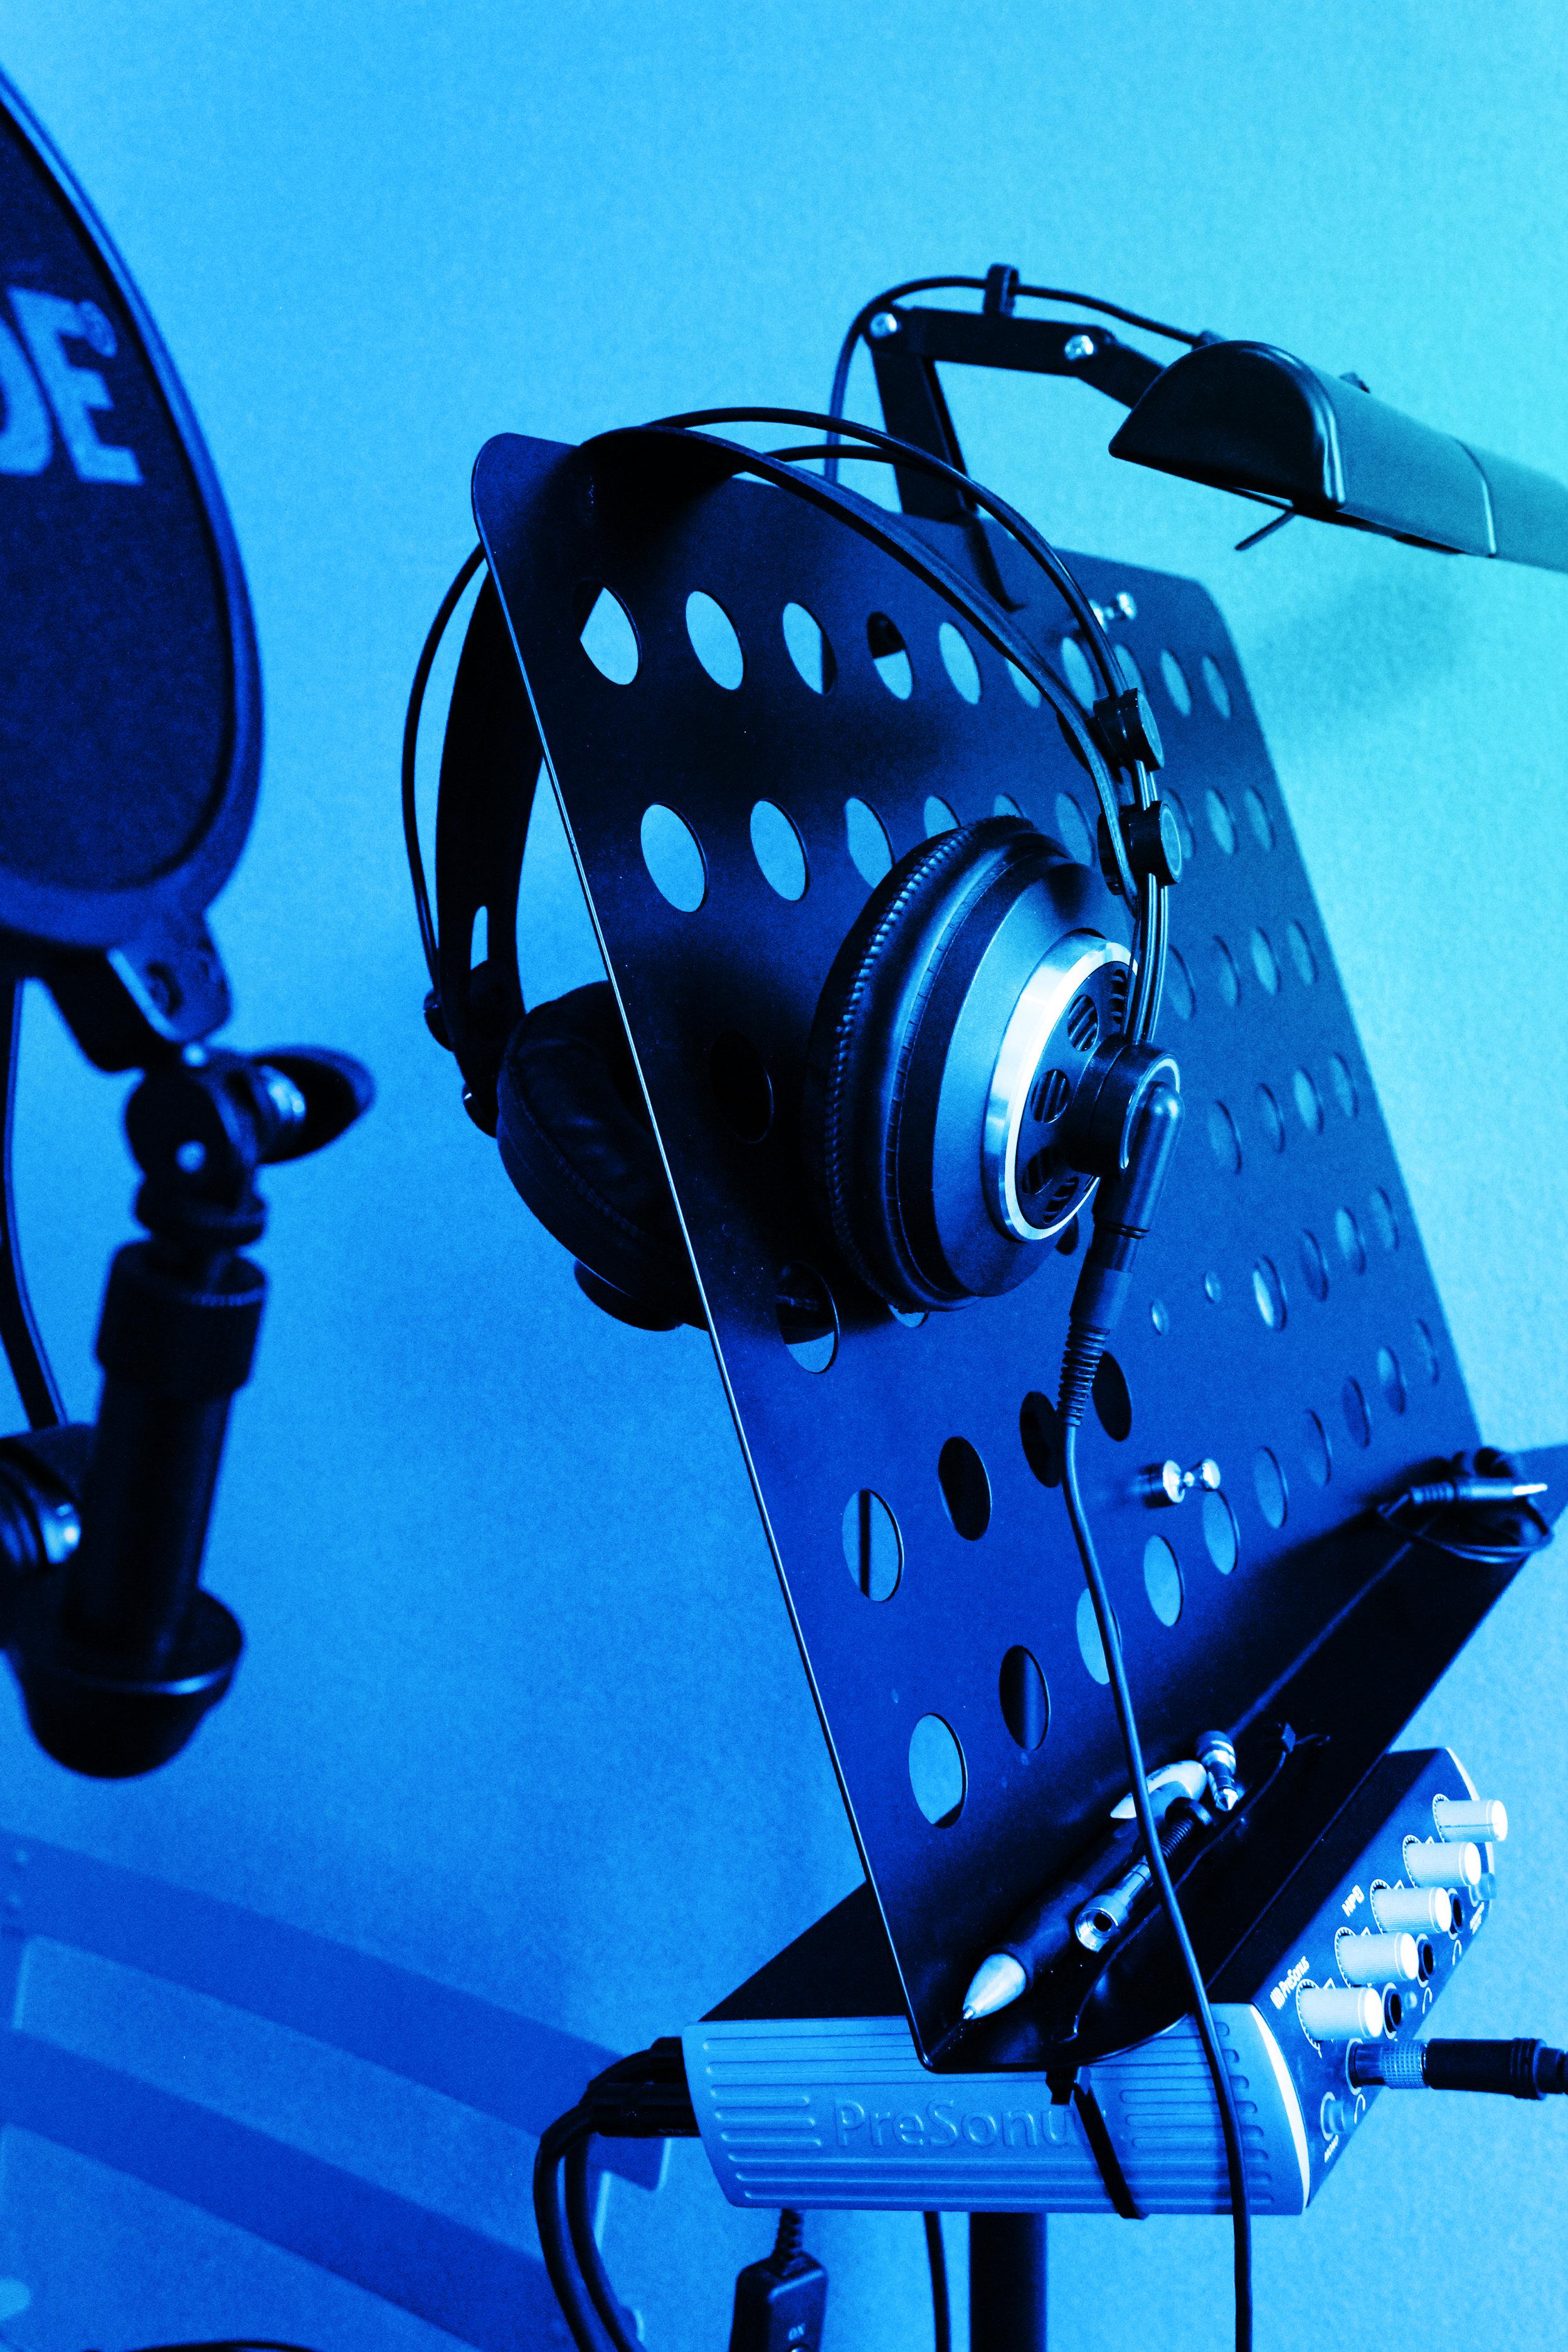 foto_010_02_blue.jpg